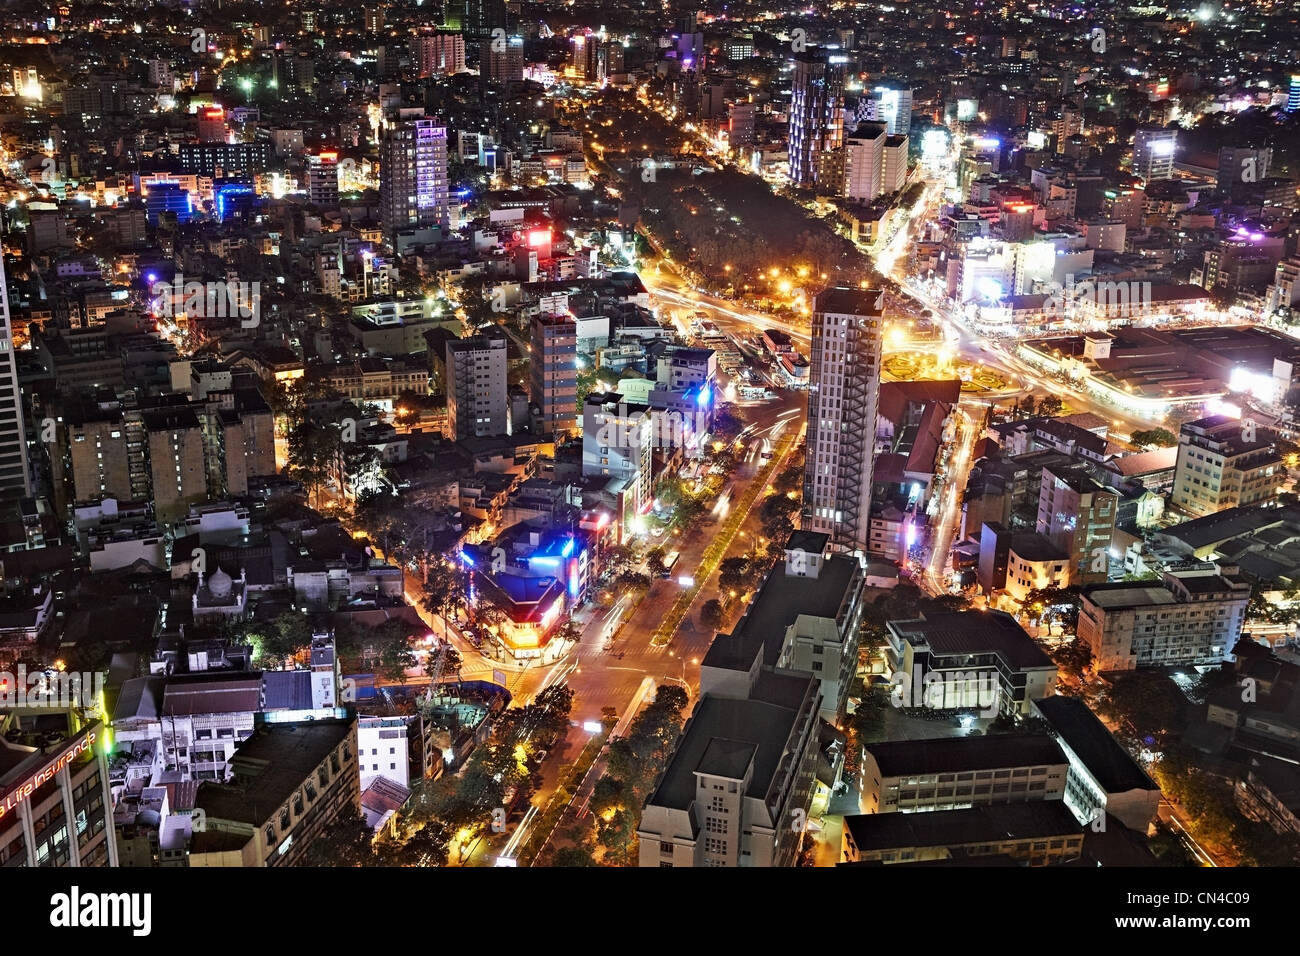 night life in ho chi minh city Nightlife at saigon city angkor cambodia loading nightlife at ho chi minh city, travel to vietnam, travel to ho chi minh city, trip to ho chi minh city.